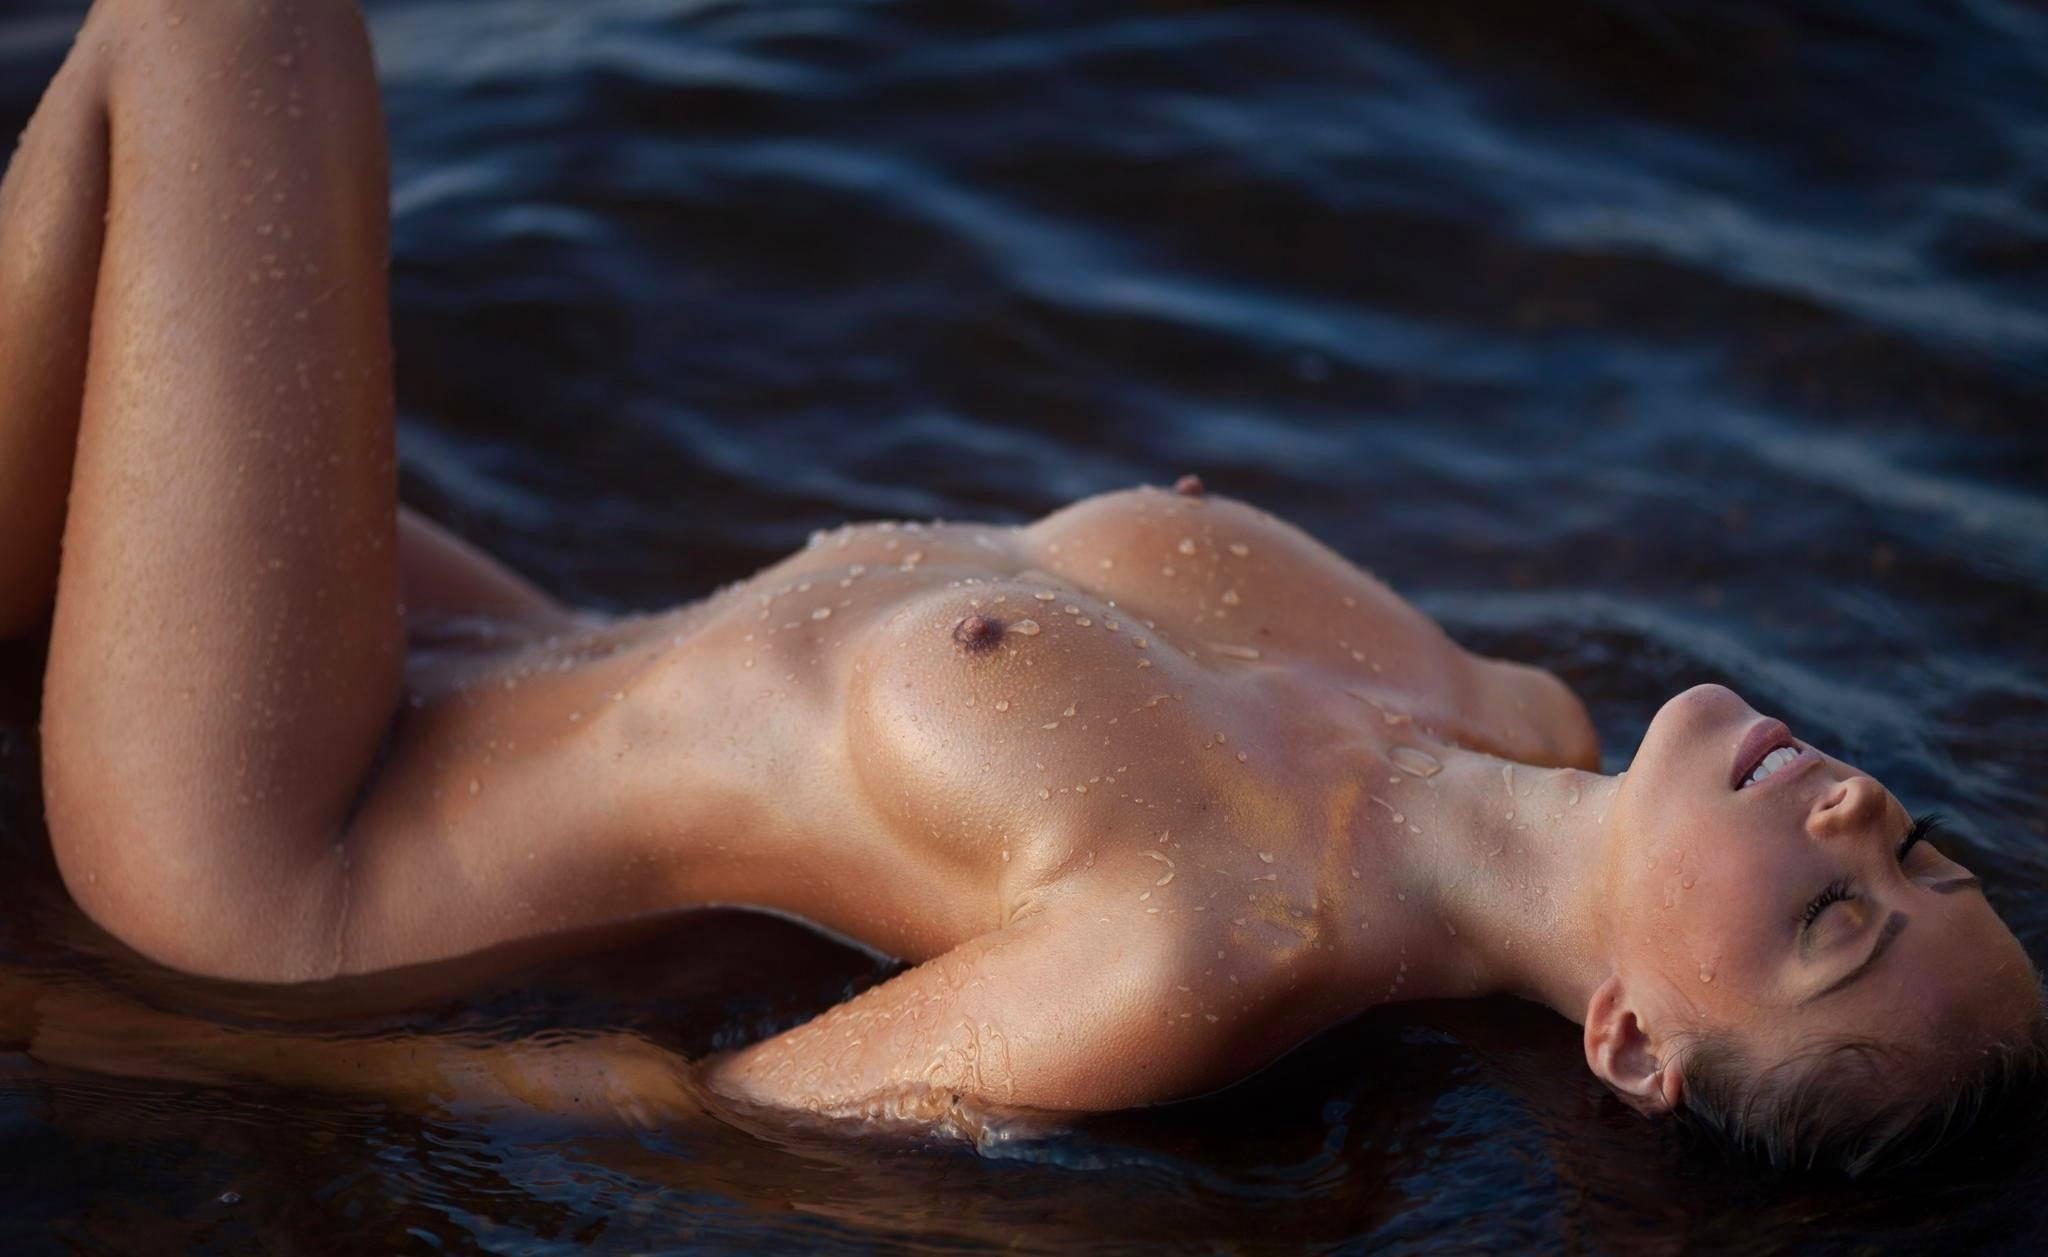 Wet erotic